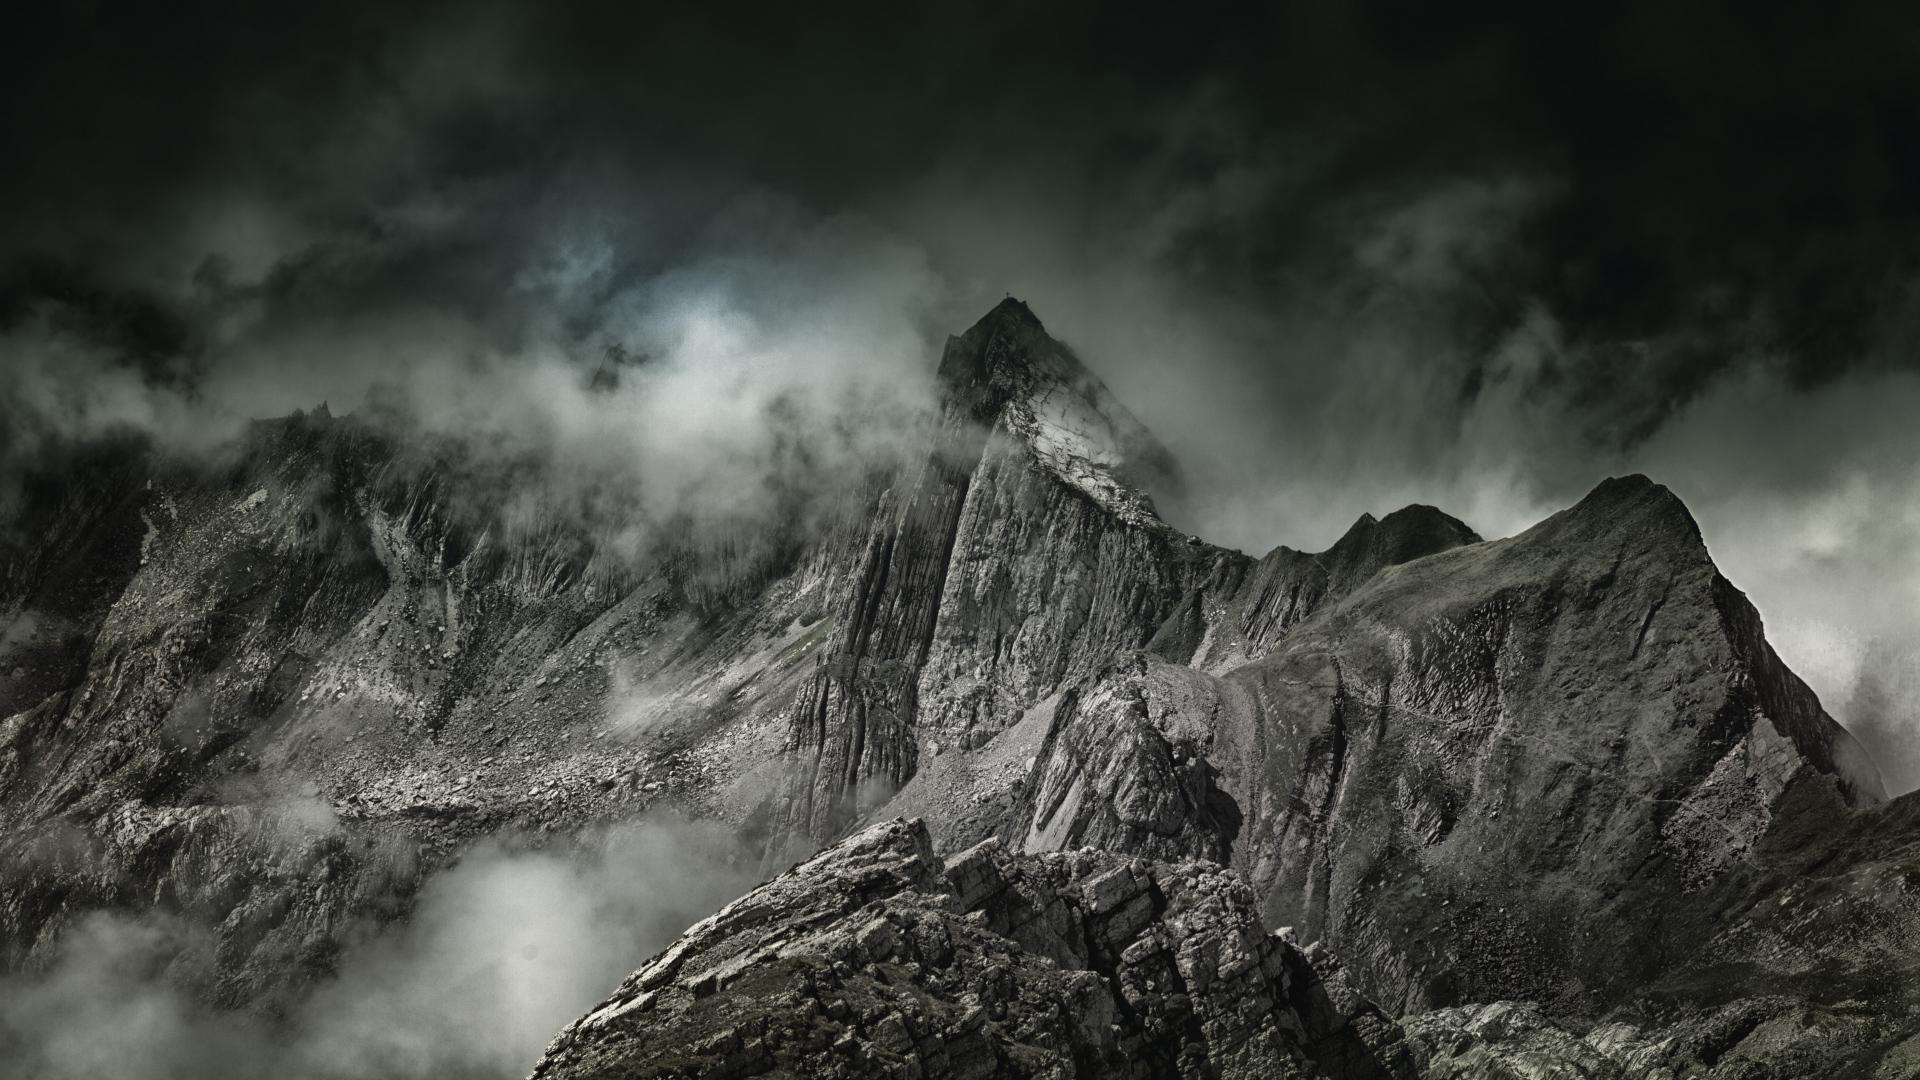 Hd Wallpaper Natur Hd Hintergrundbilder Nebel Gipfel Berge Desktop Hintergrund